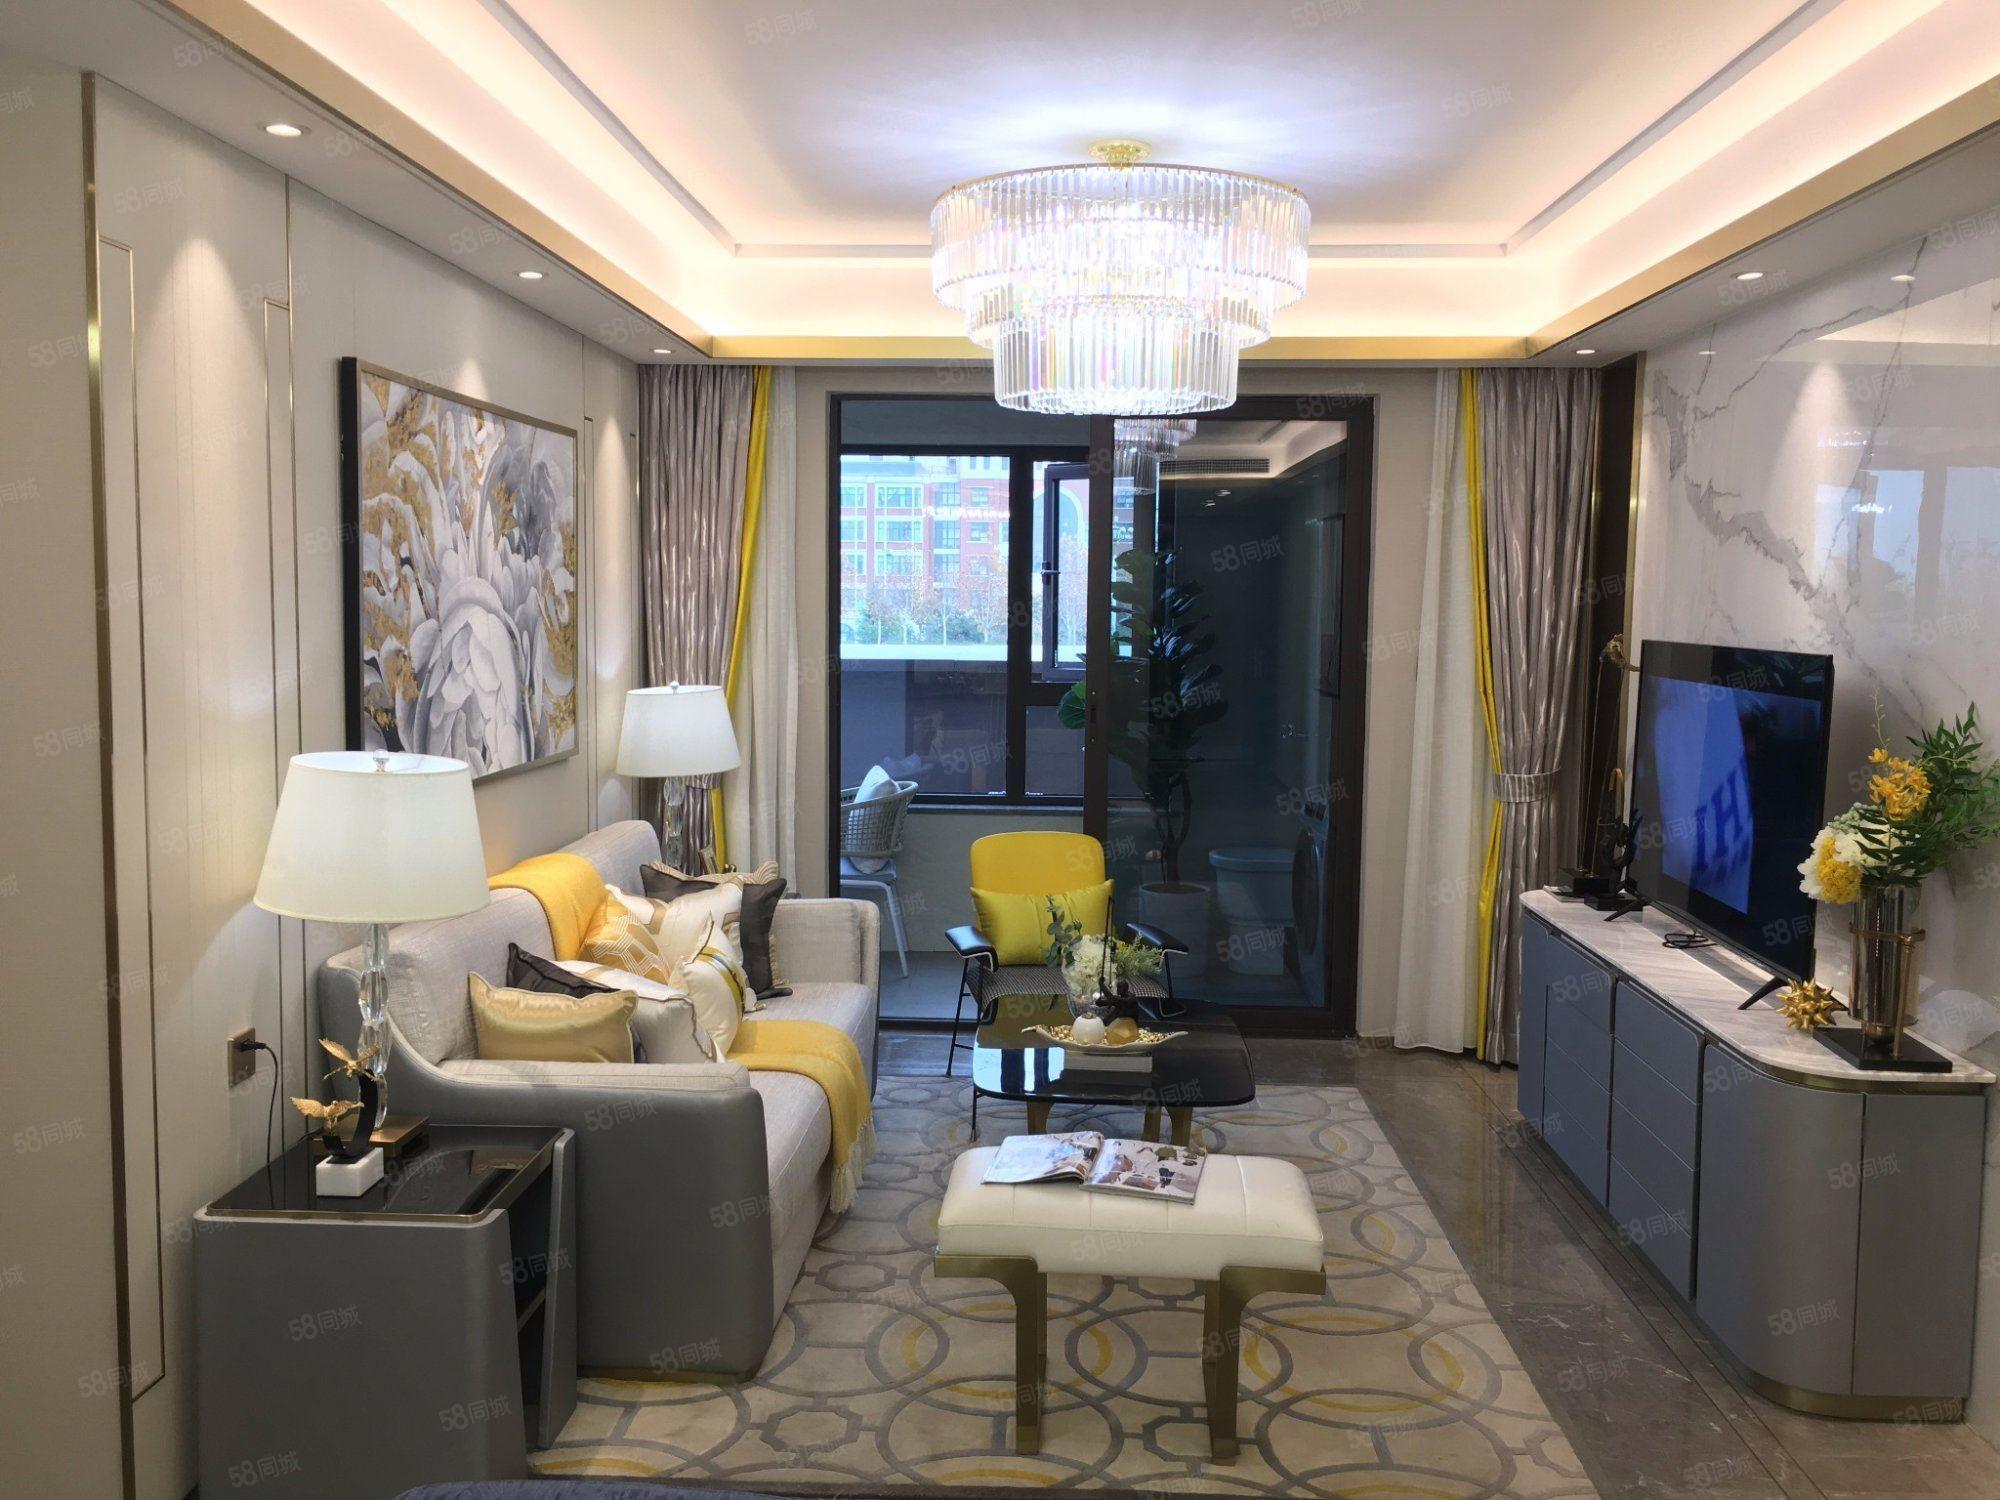 洛北新区新丝路国际博览城3室两厅现房均价3XXX拿下